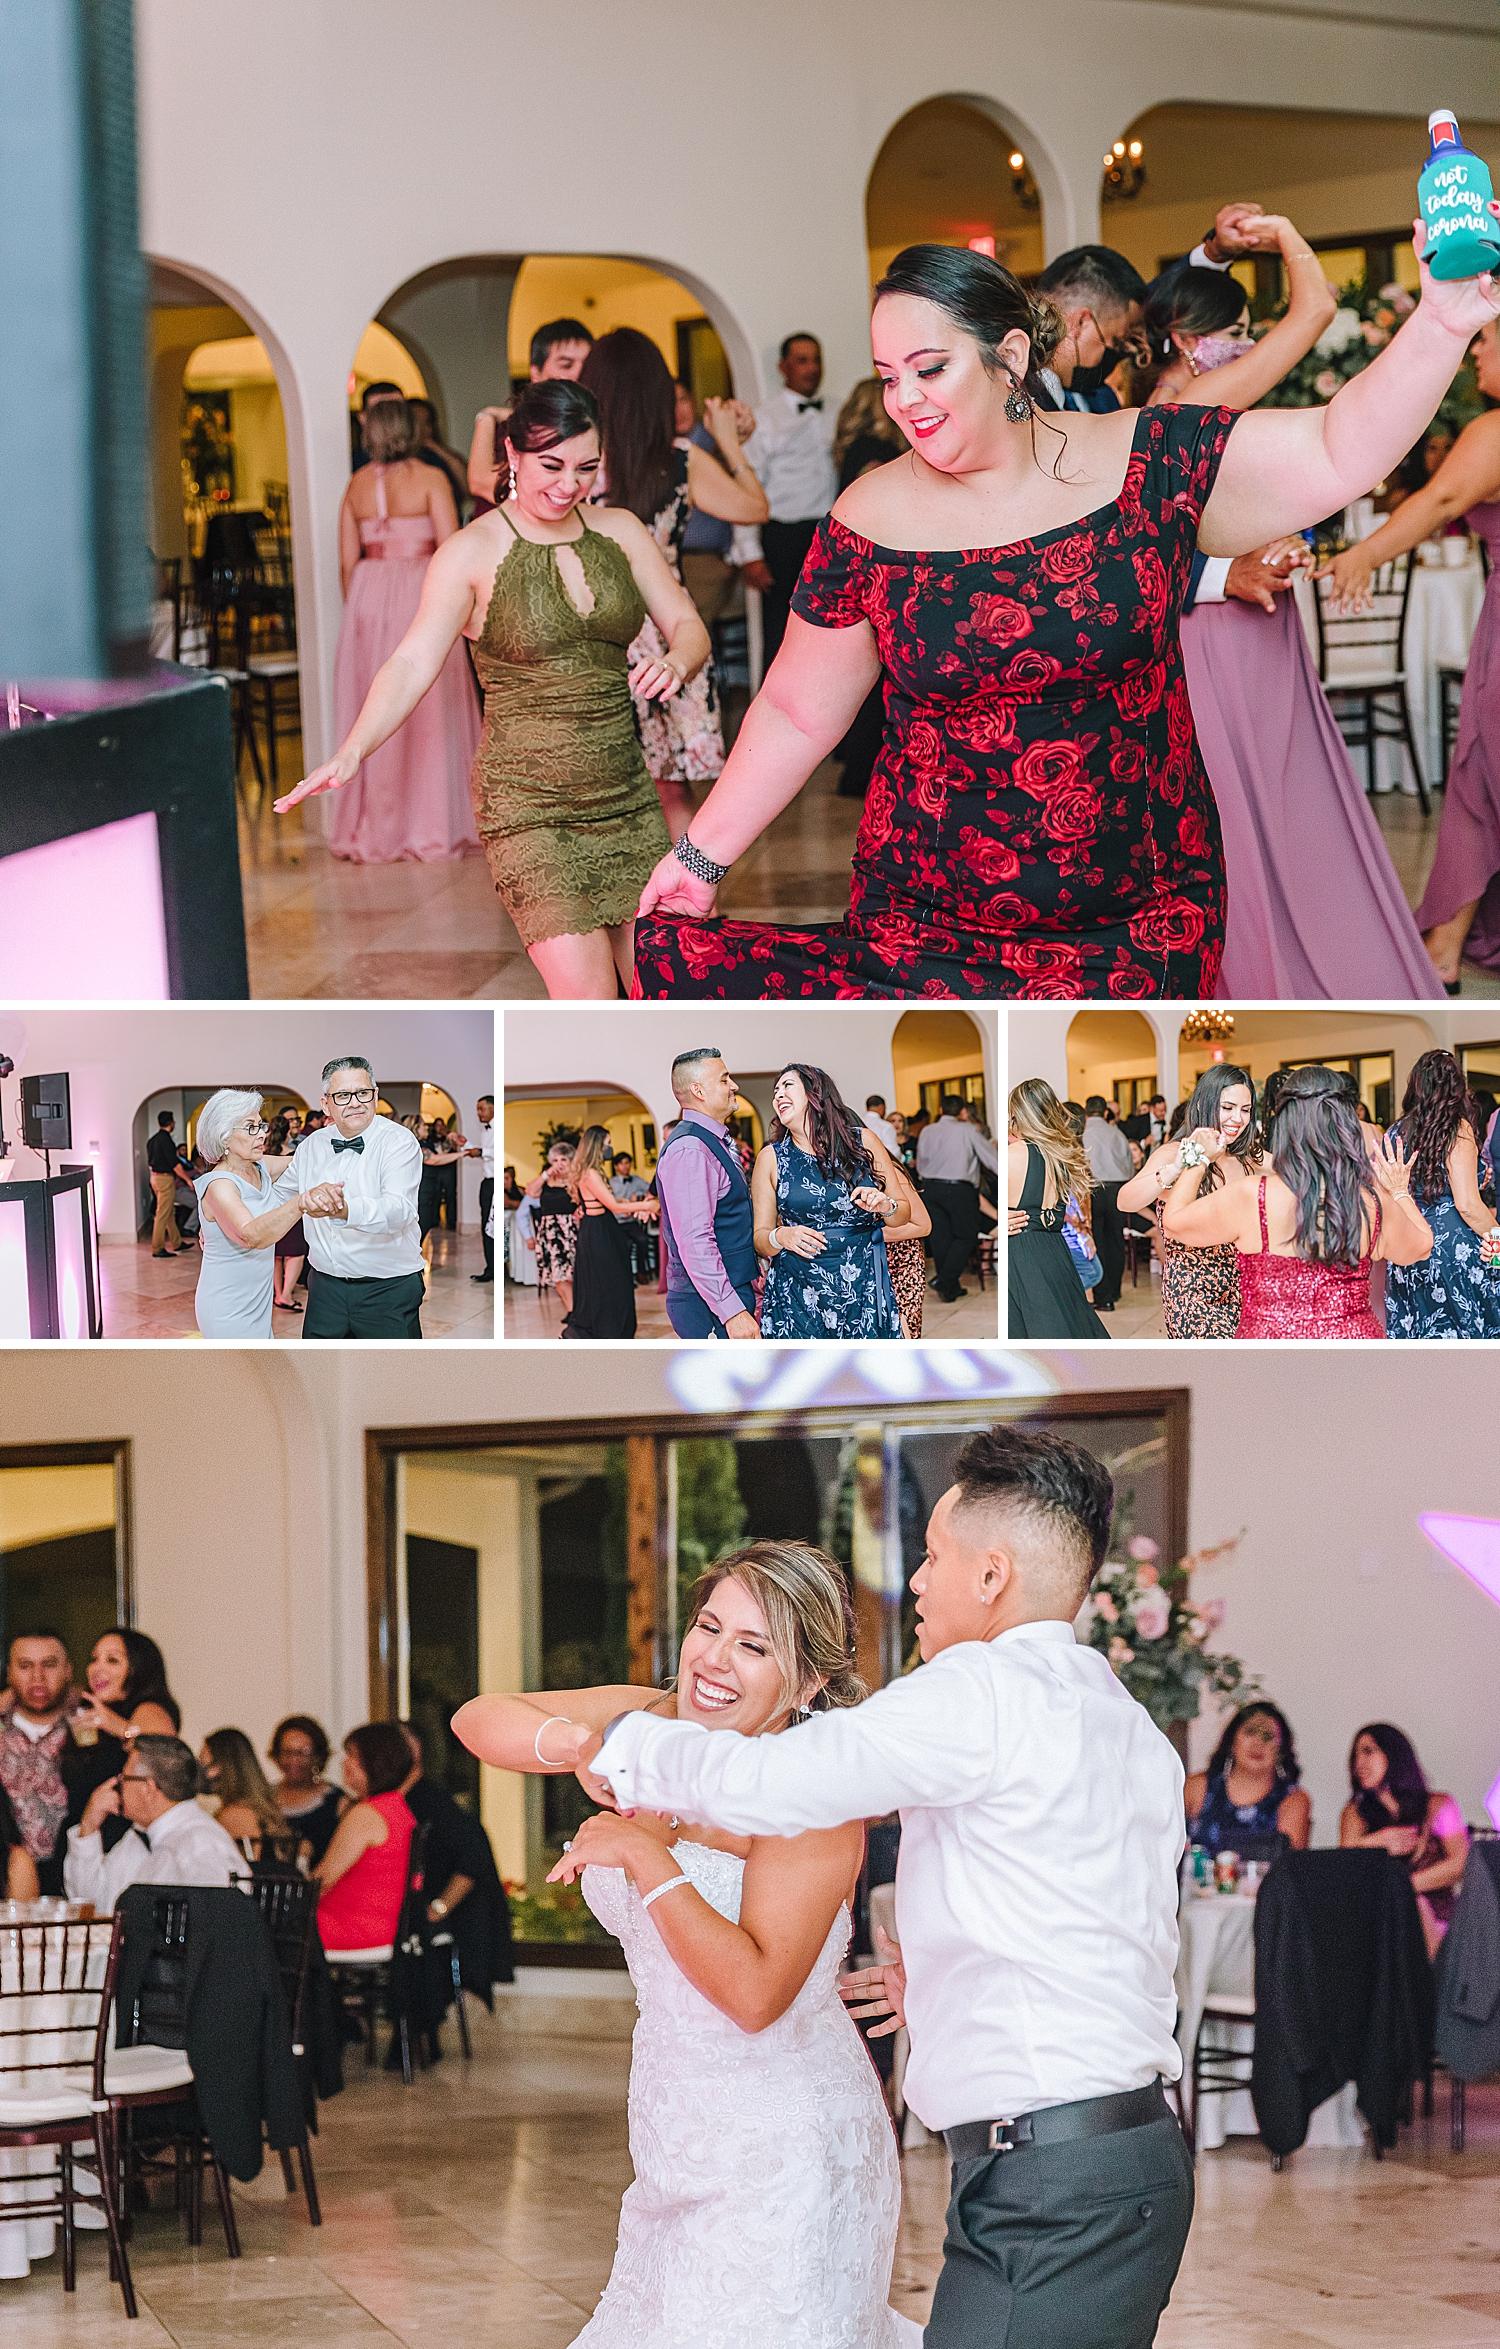 Carly-Barton-Photography-The-Villa-at-Cielo-Vista-Blush-Gold-White-Wedding-Photos_0029.jpg